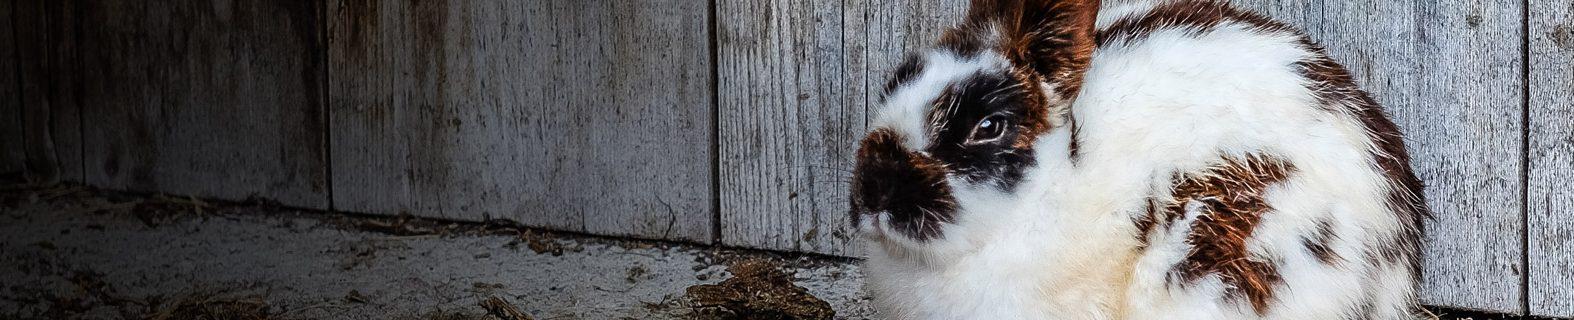 https://hvovet.com/hvo/wp-content/uploads/2016/09/veterinaire-lapin-ormstown-2-1574x320.jpg